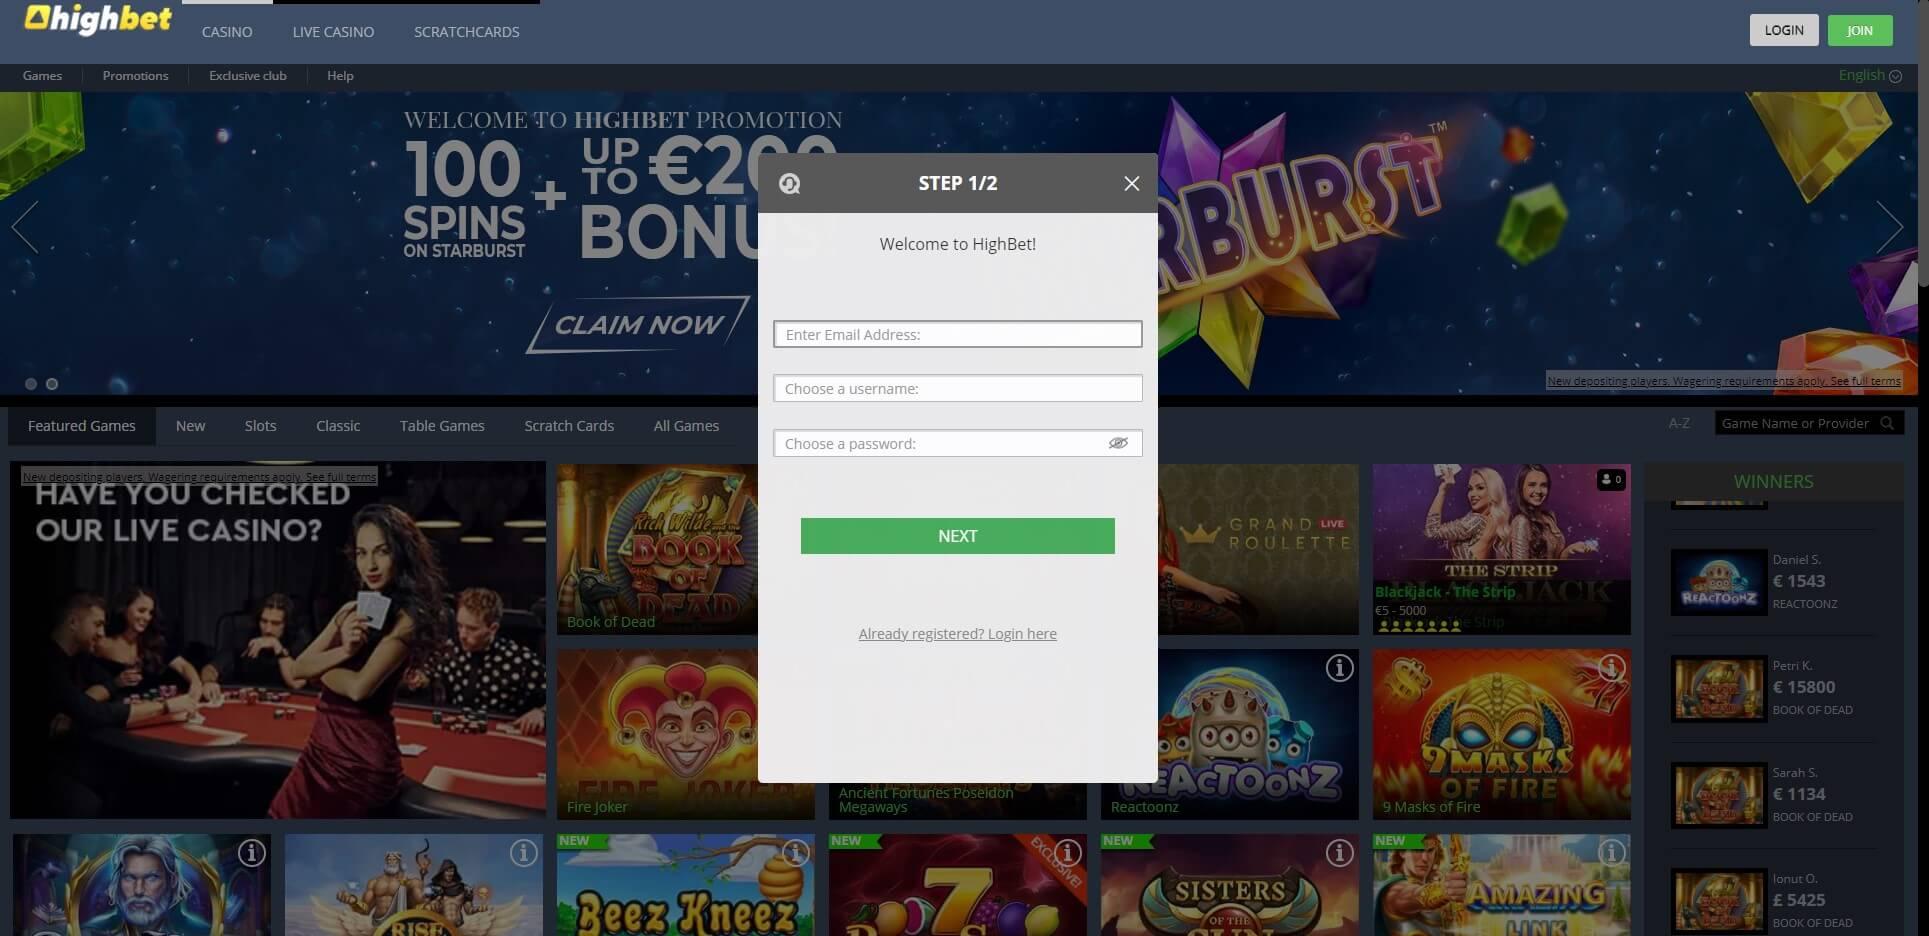 Sign Up at HighBet Casino